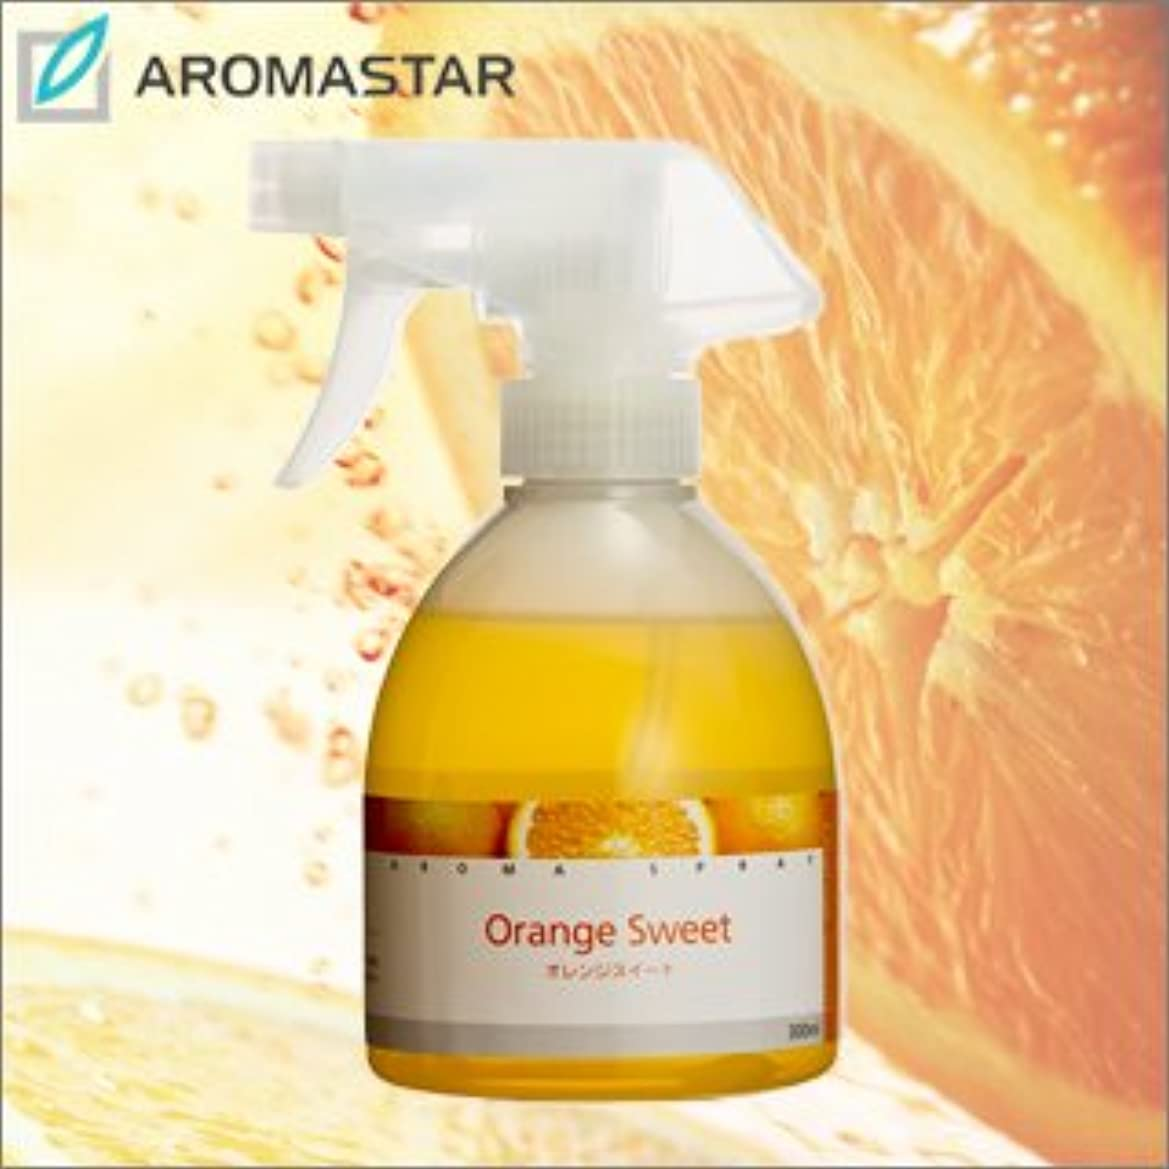 引く独占リスナー天然の香りのアロマスプレー【オレンジ】300ml